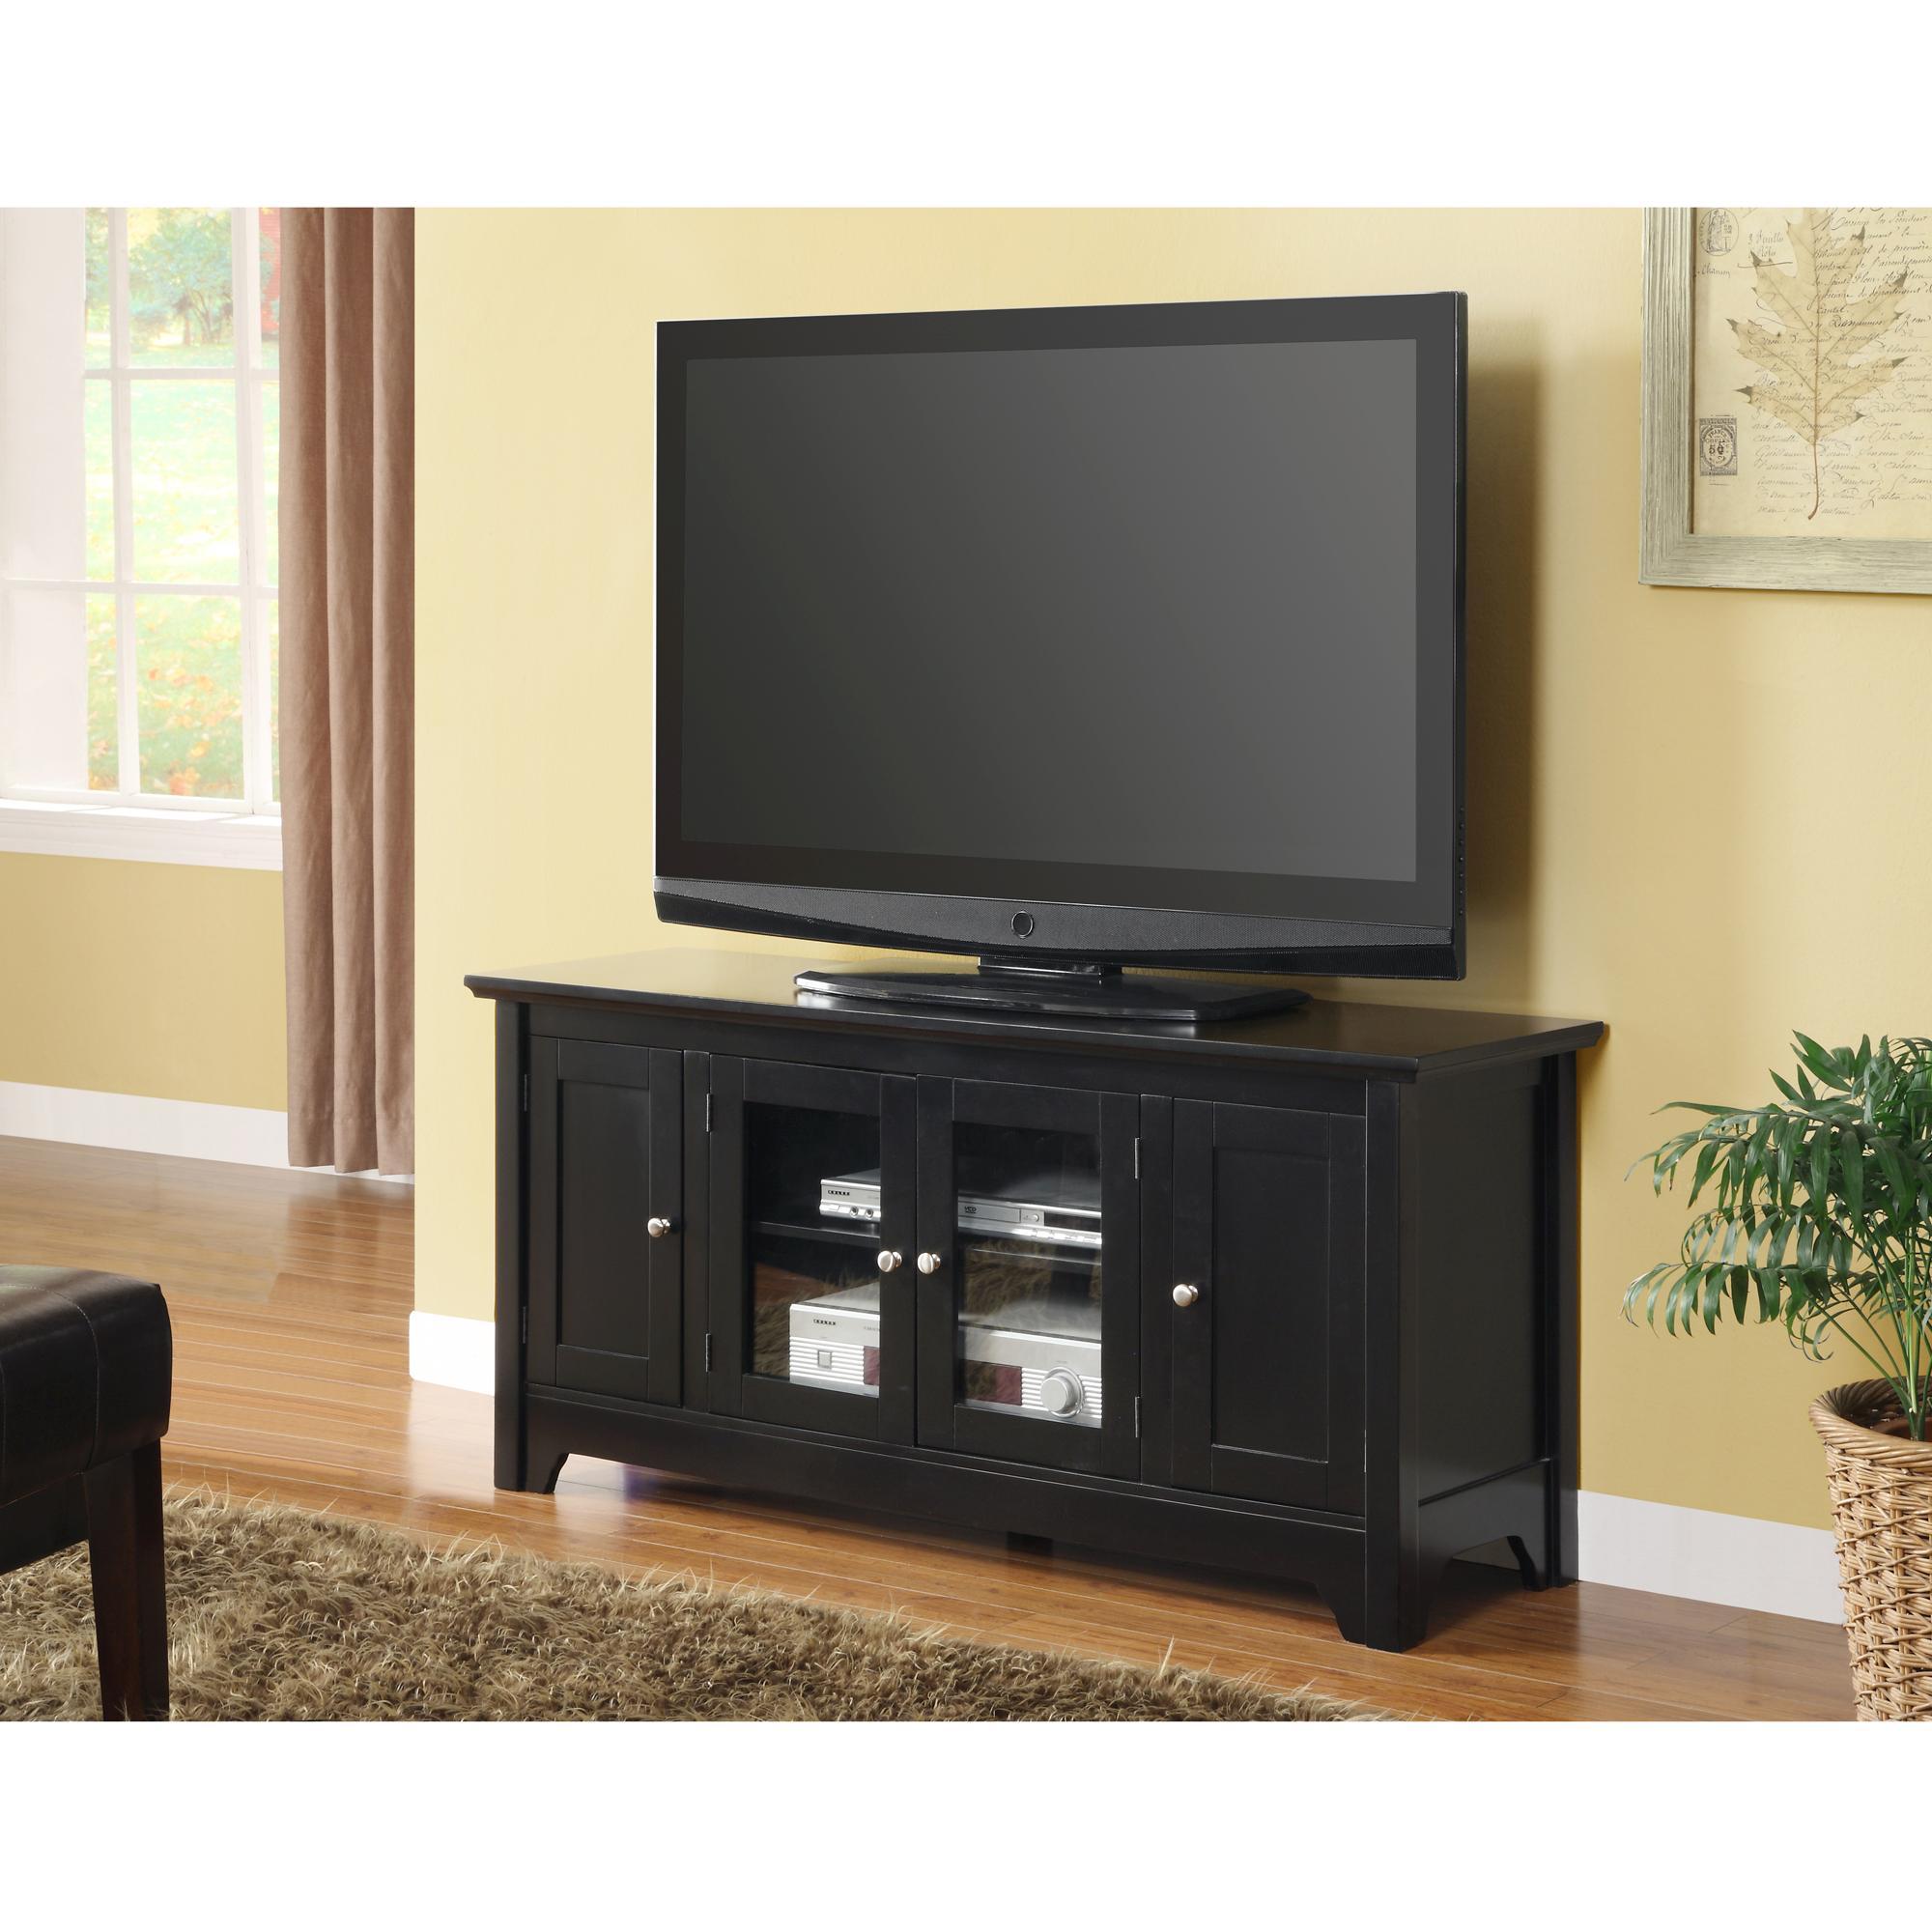 walker edison 53 wood tv stand with storage. Black Bedroom Furniture Sets. Home Design Ideas